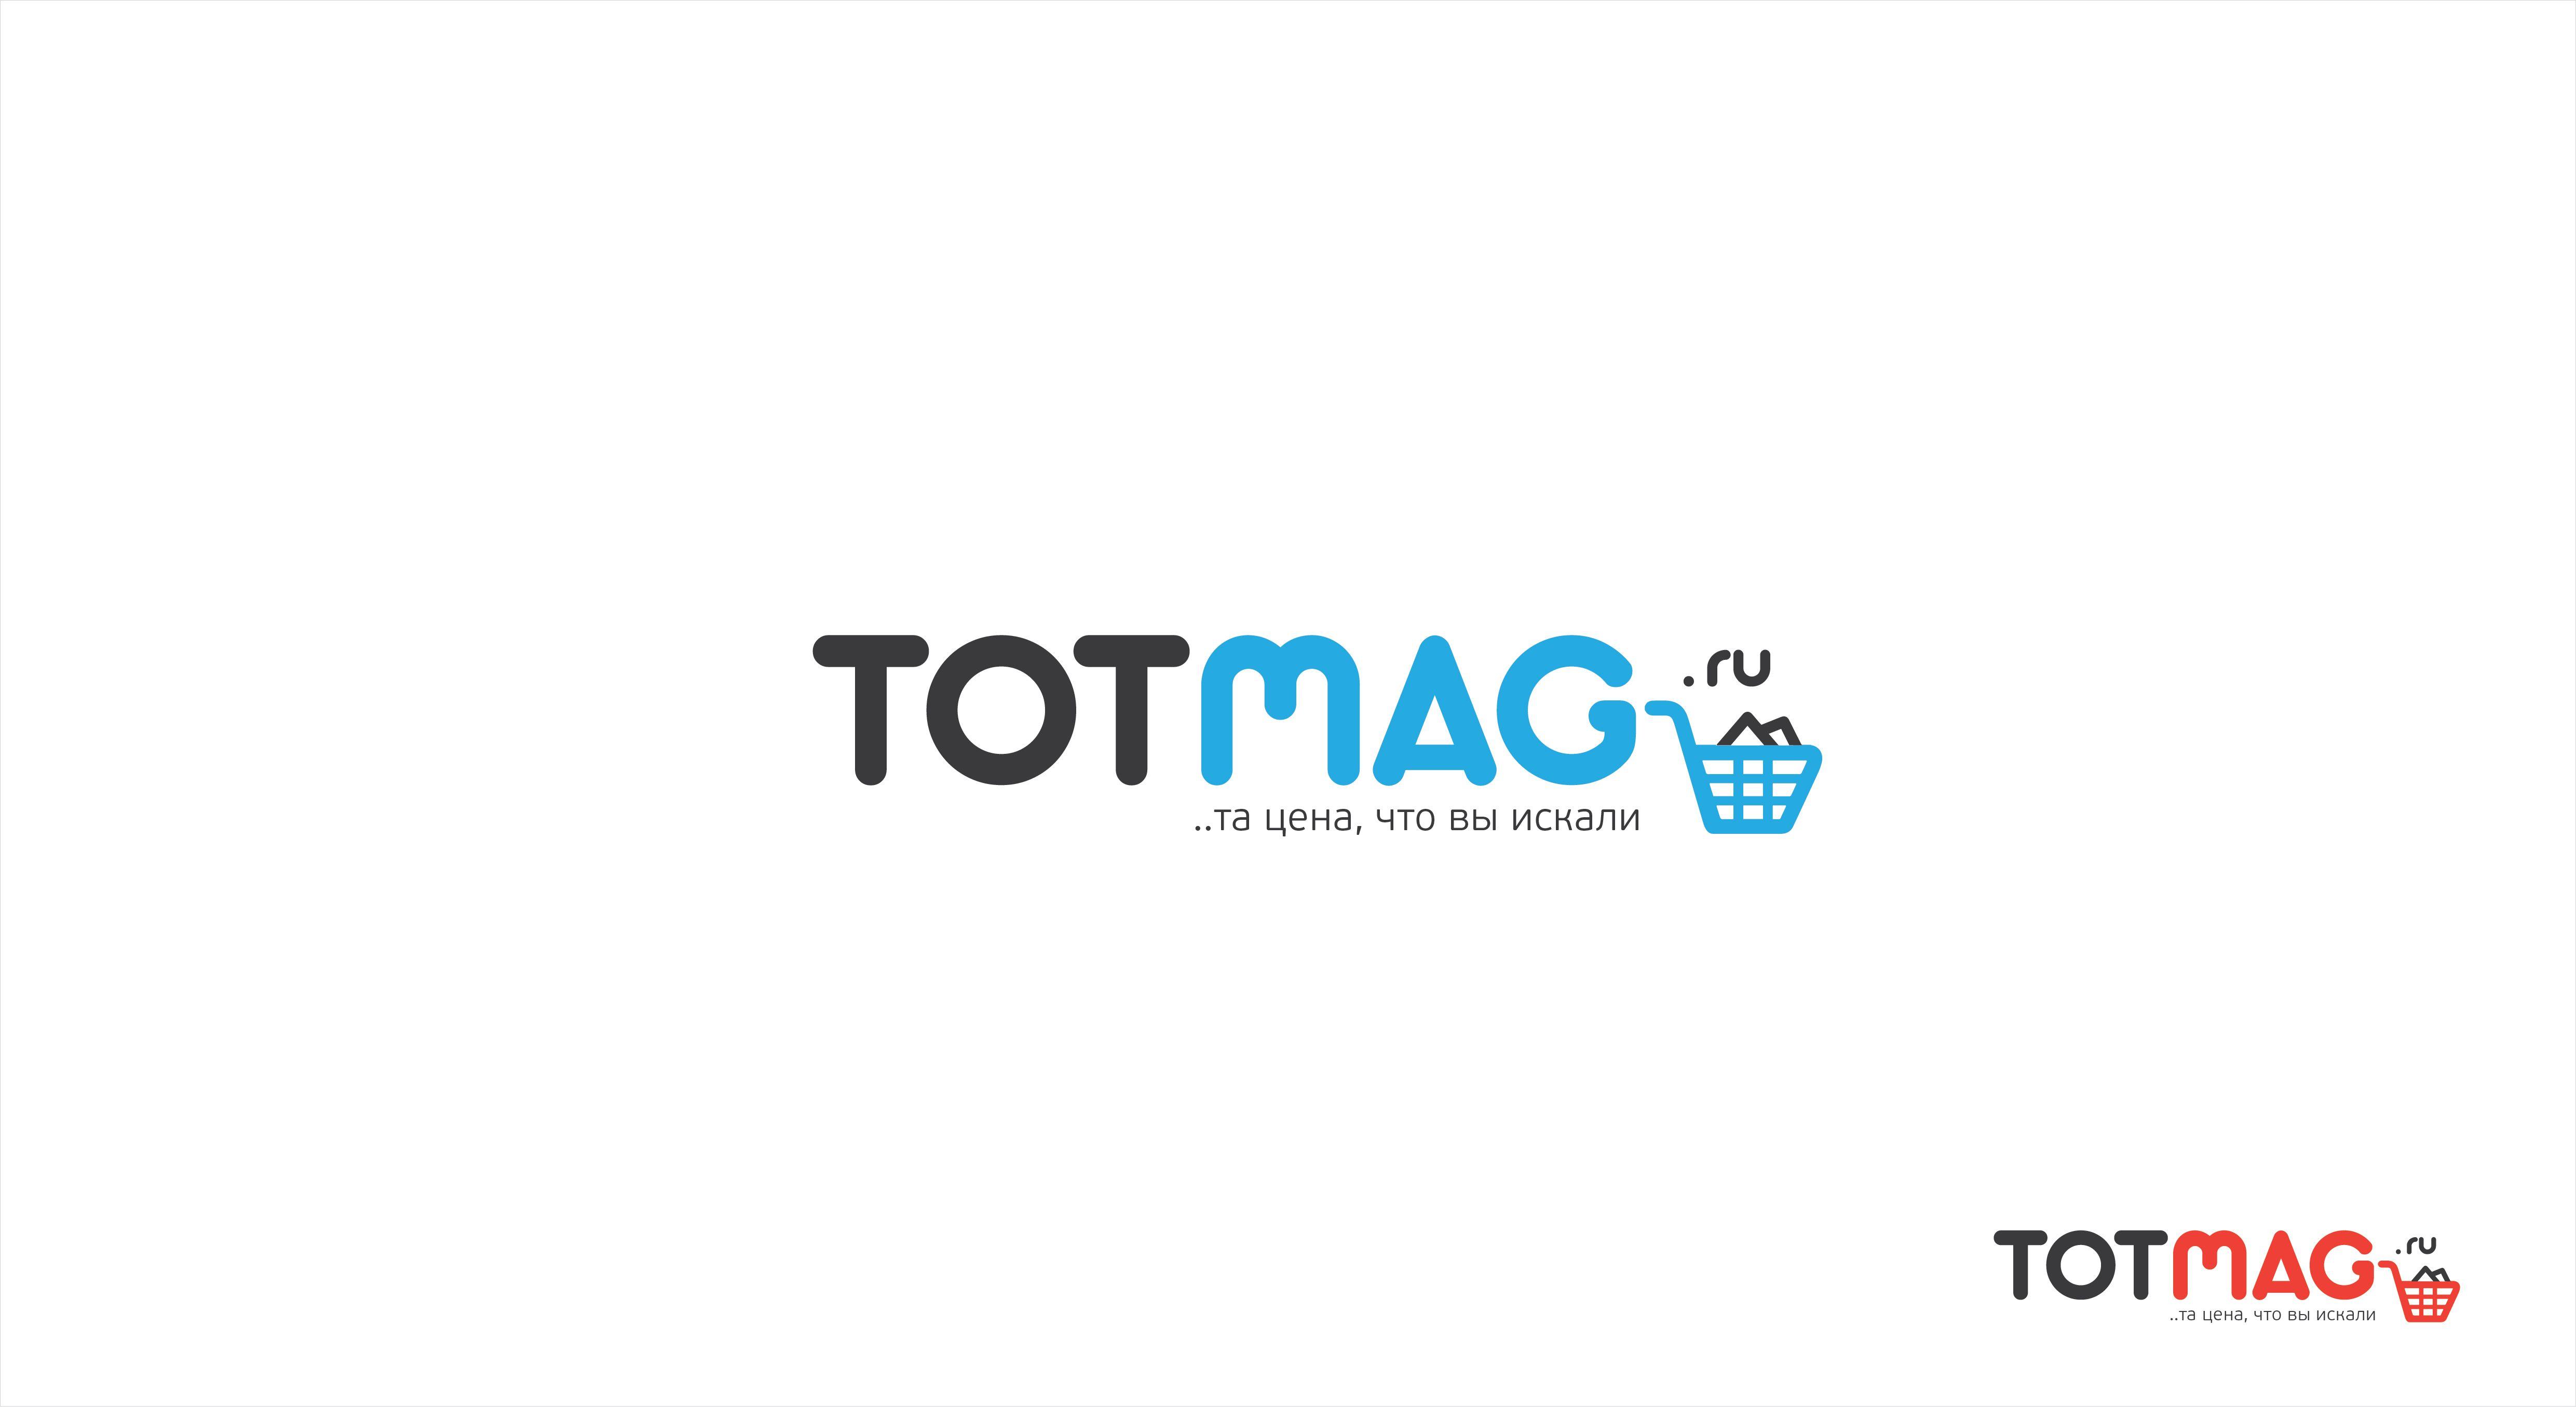 Логотип для интернет магазина totmag.ru - дизайнер 2goga5